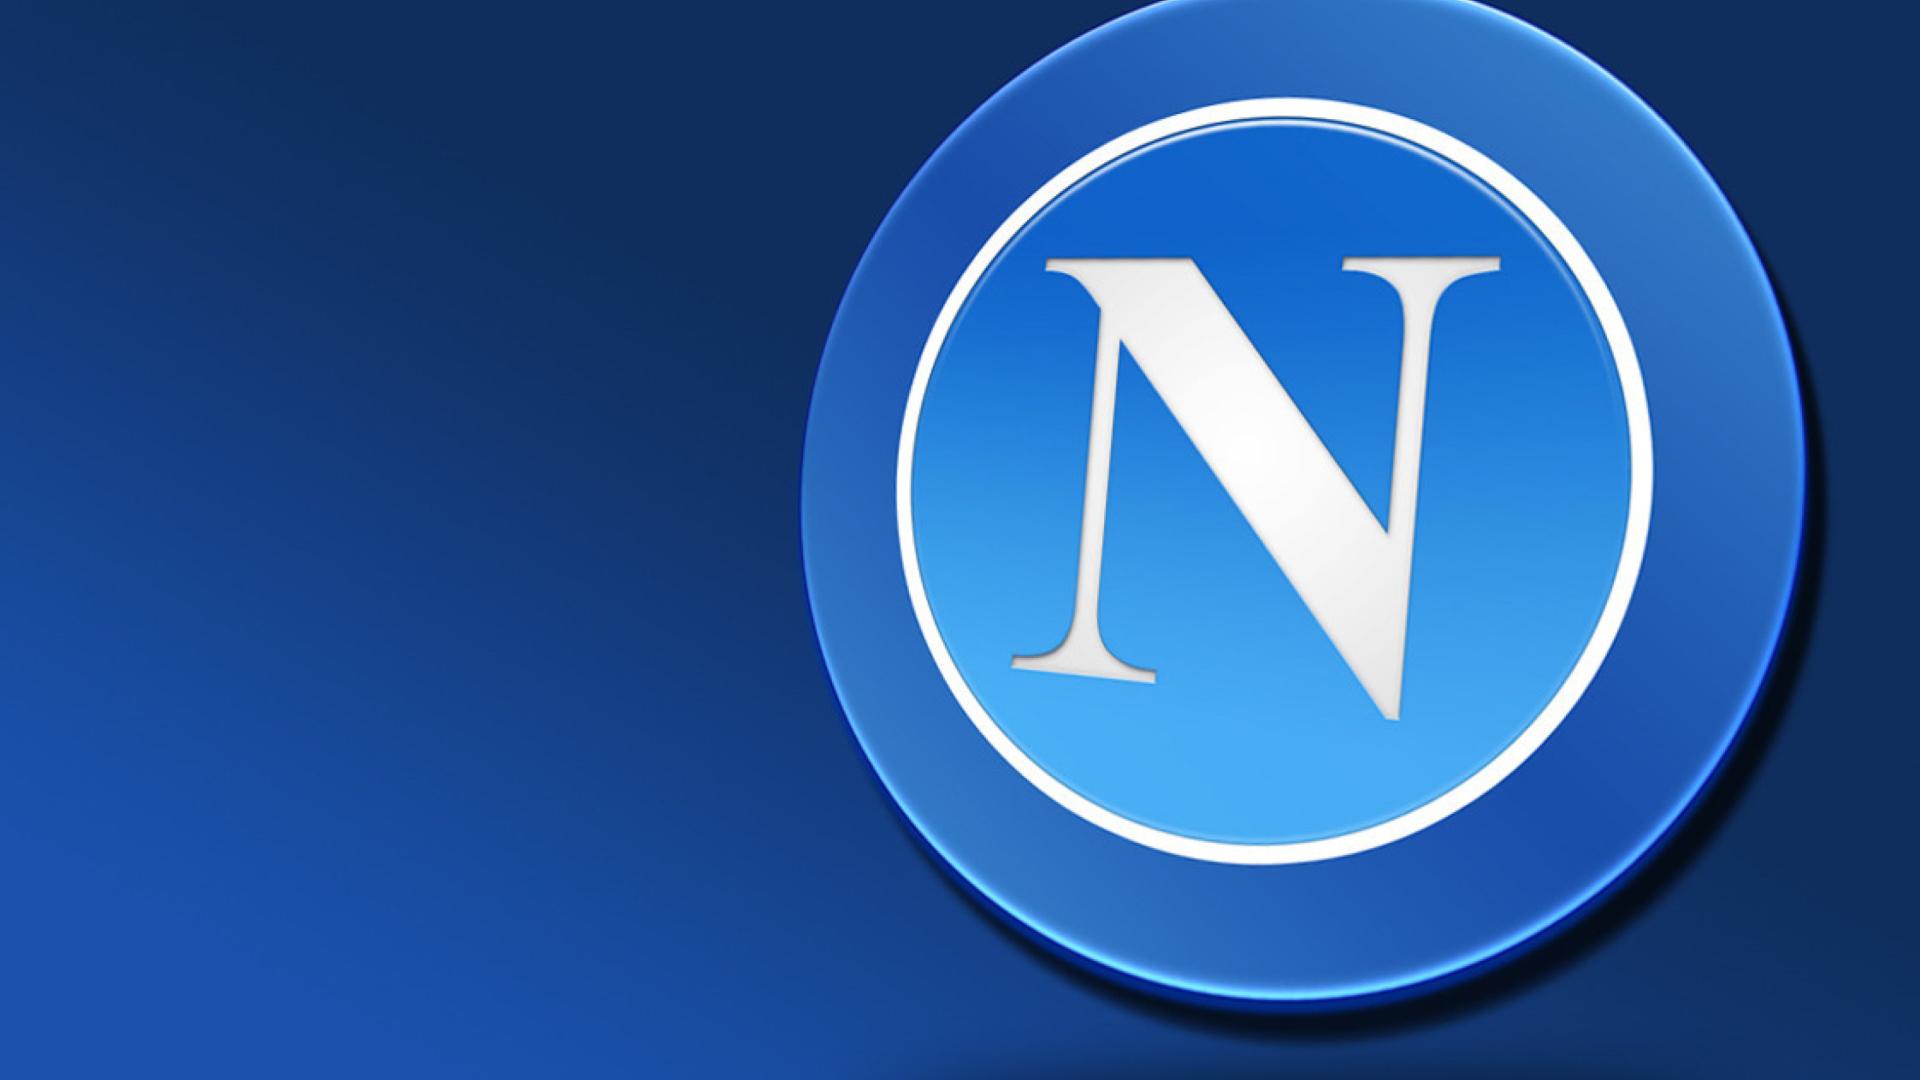 Napoli sfondi gratuiti per desktop 1920x1080 full hd for Sfondi full hd cellulare